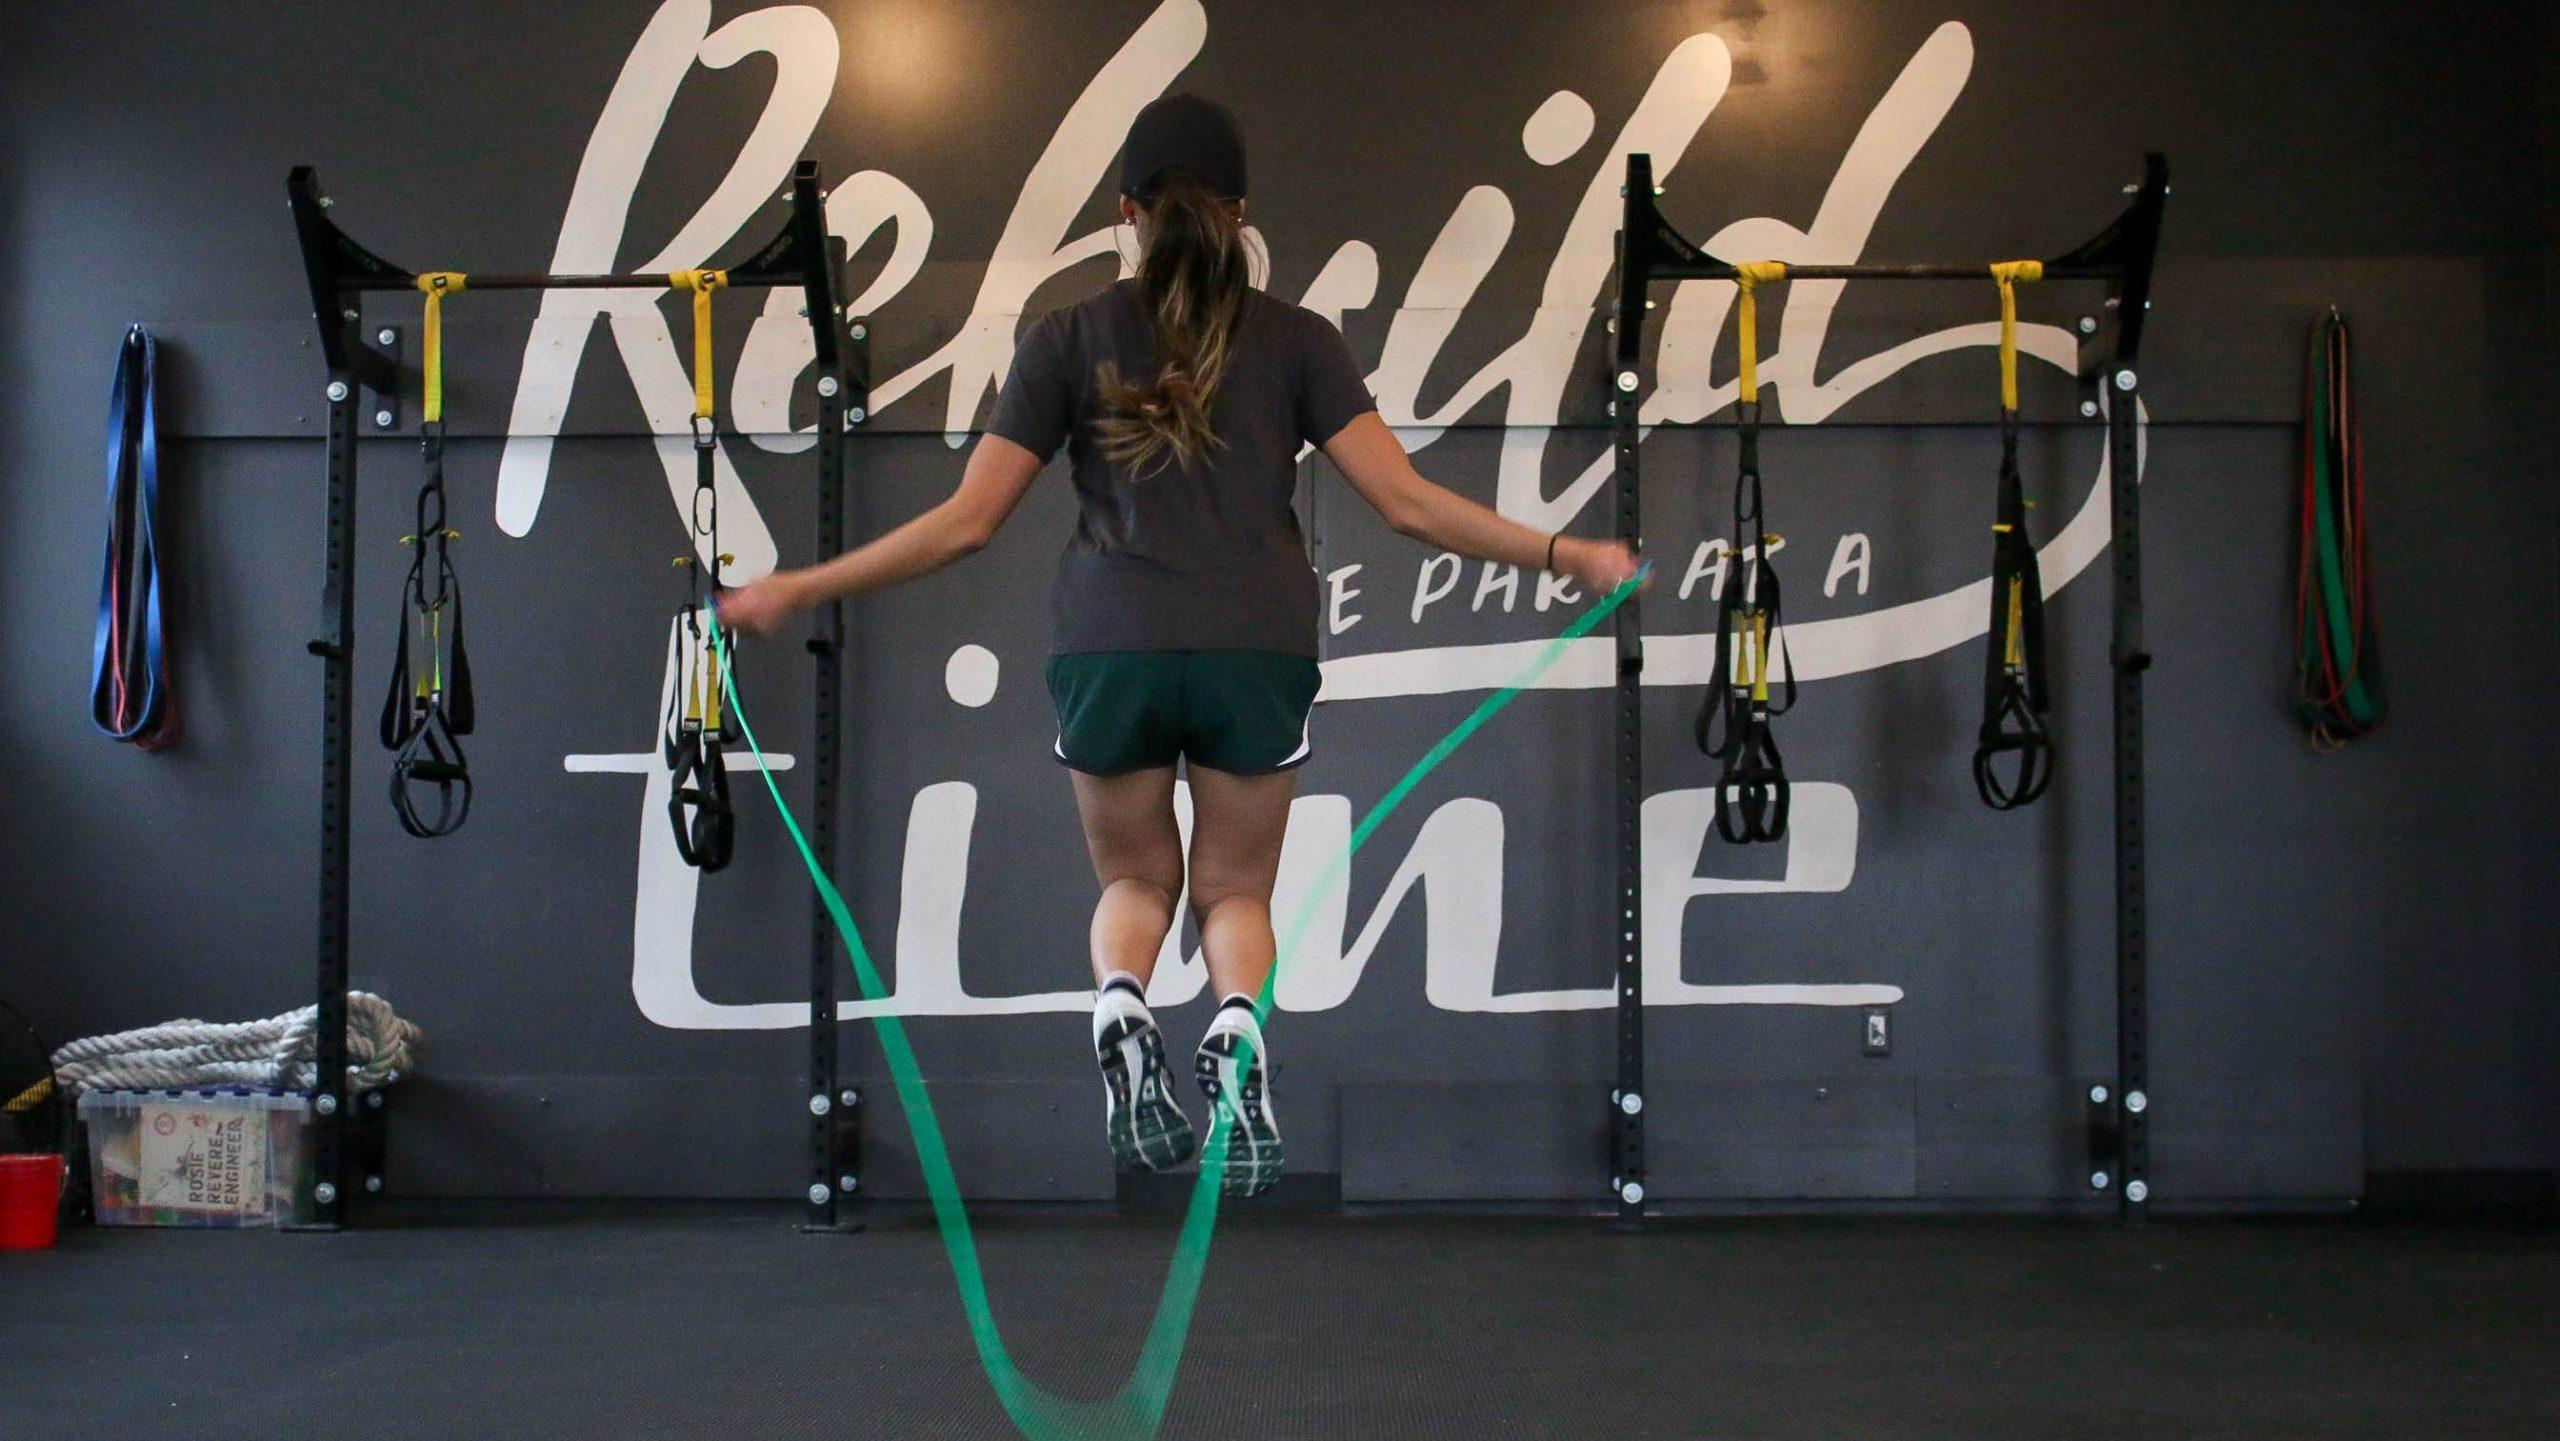 Hoeveel calorieën verbrand je met touwtje springen